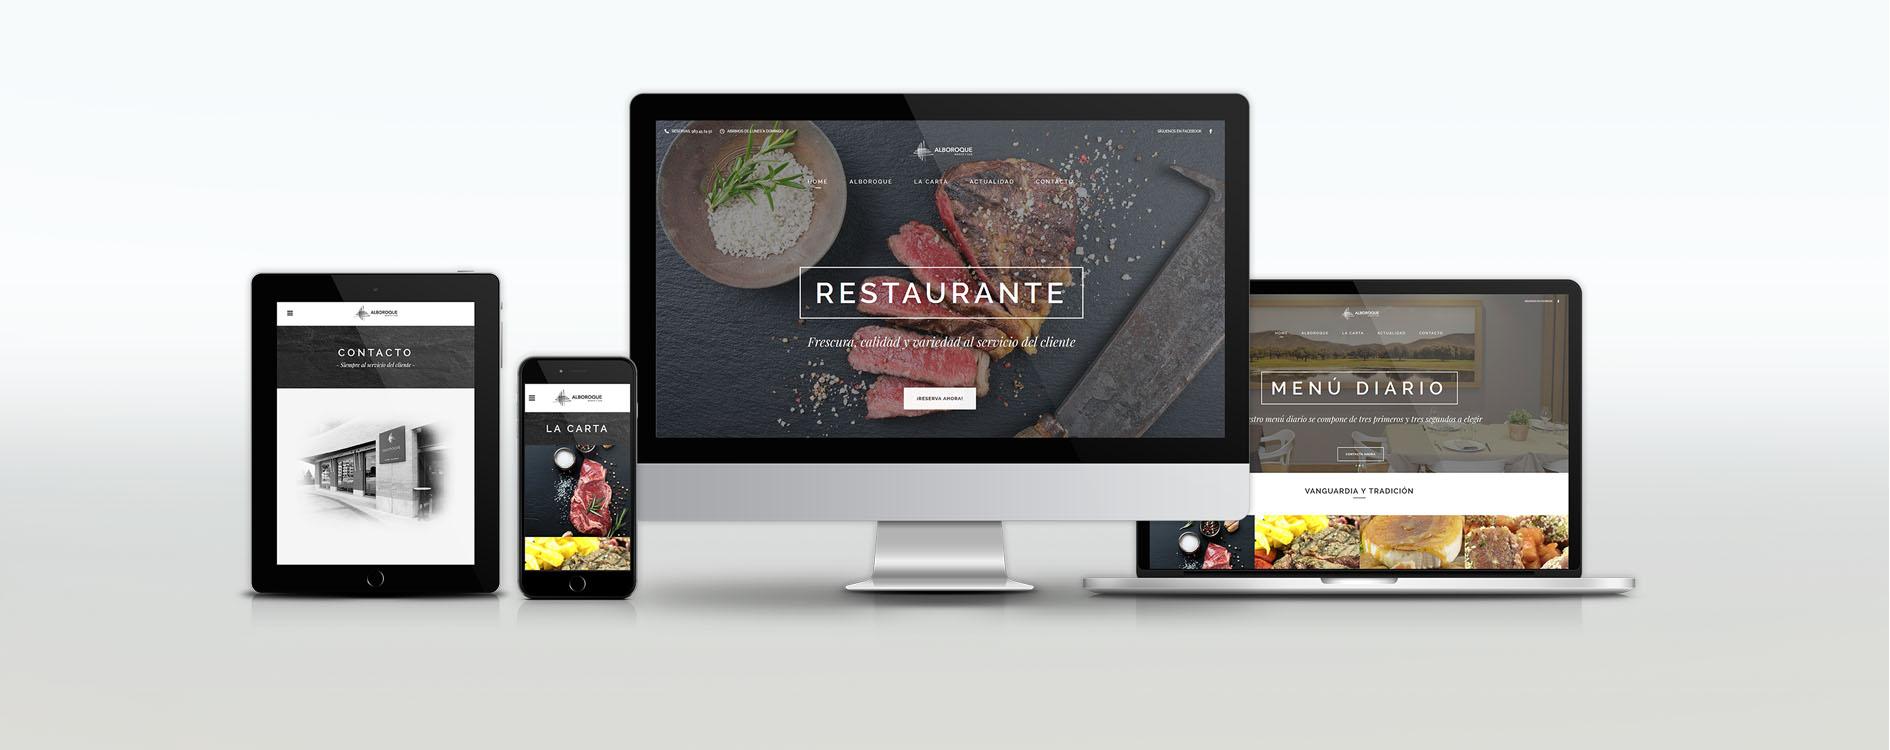 Restaurante Alboroque Norte y Sur - OH Visual agencia de diseño gráfico en Valladolid